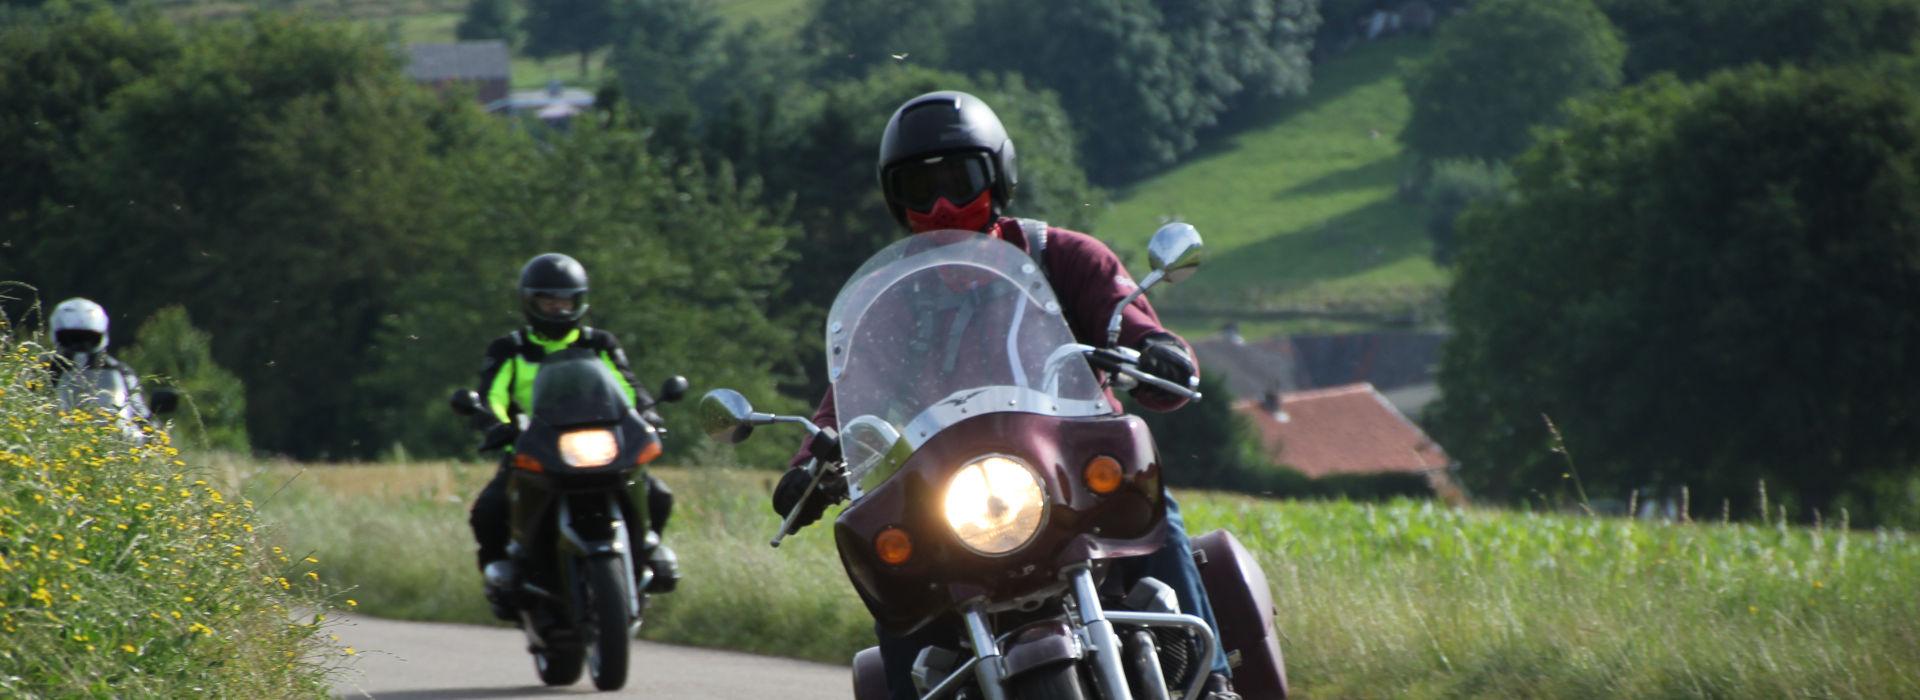 Motorrijbewijspoint Hoensbroek motorrijlessen